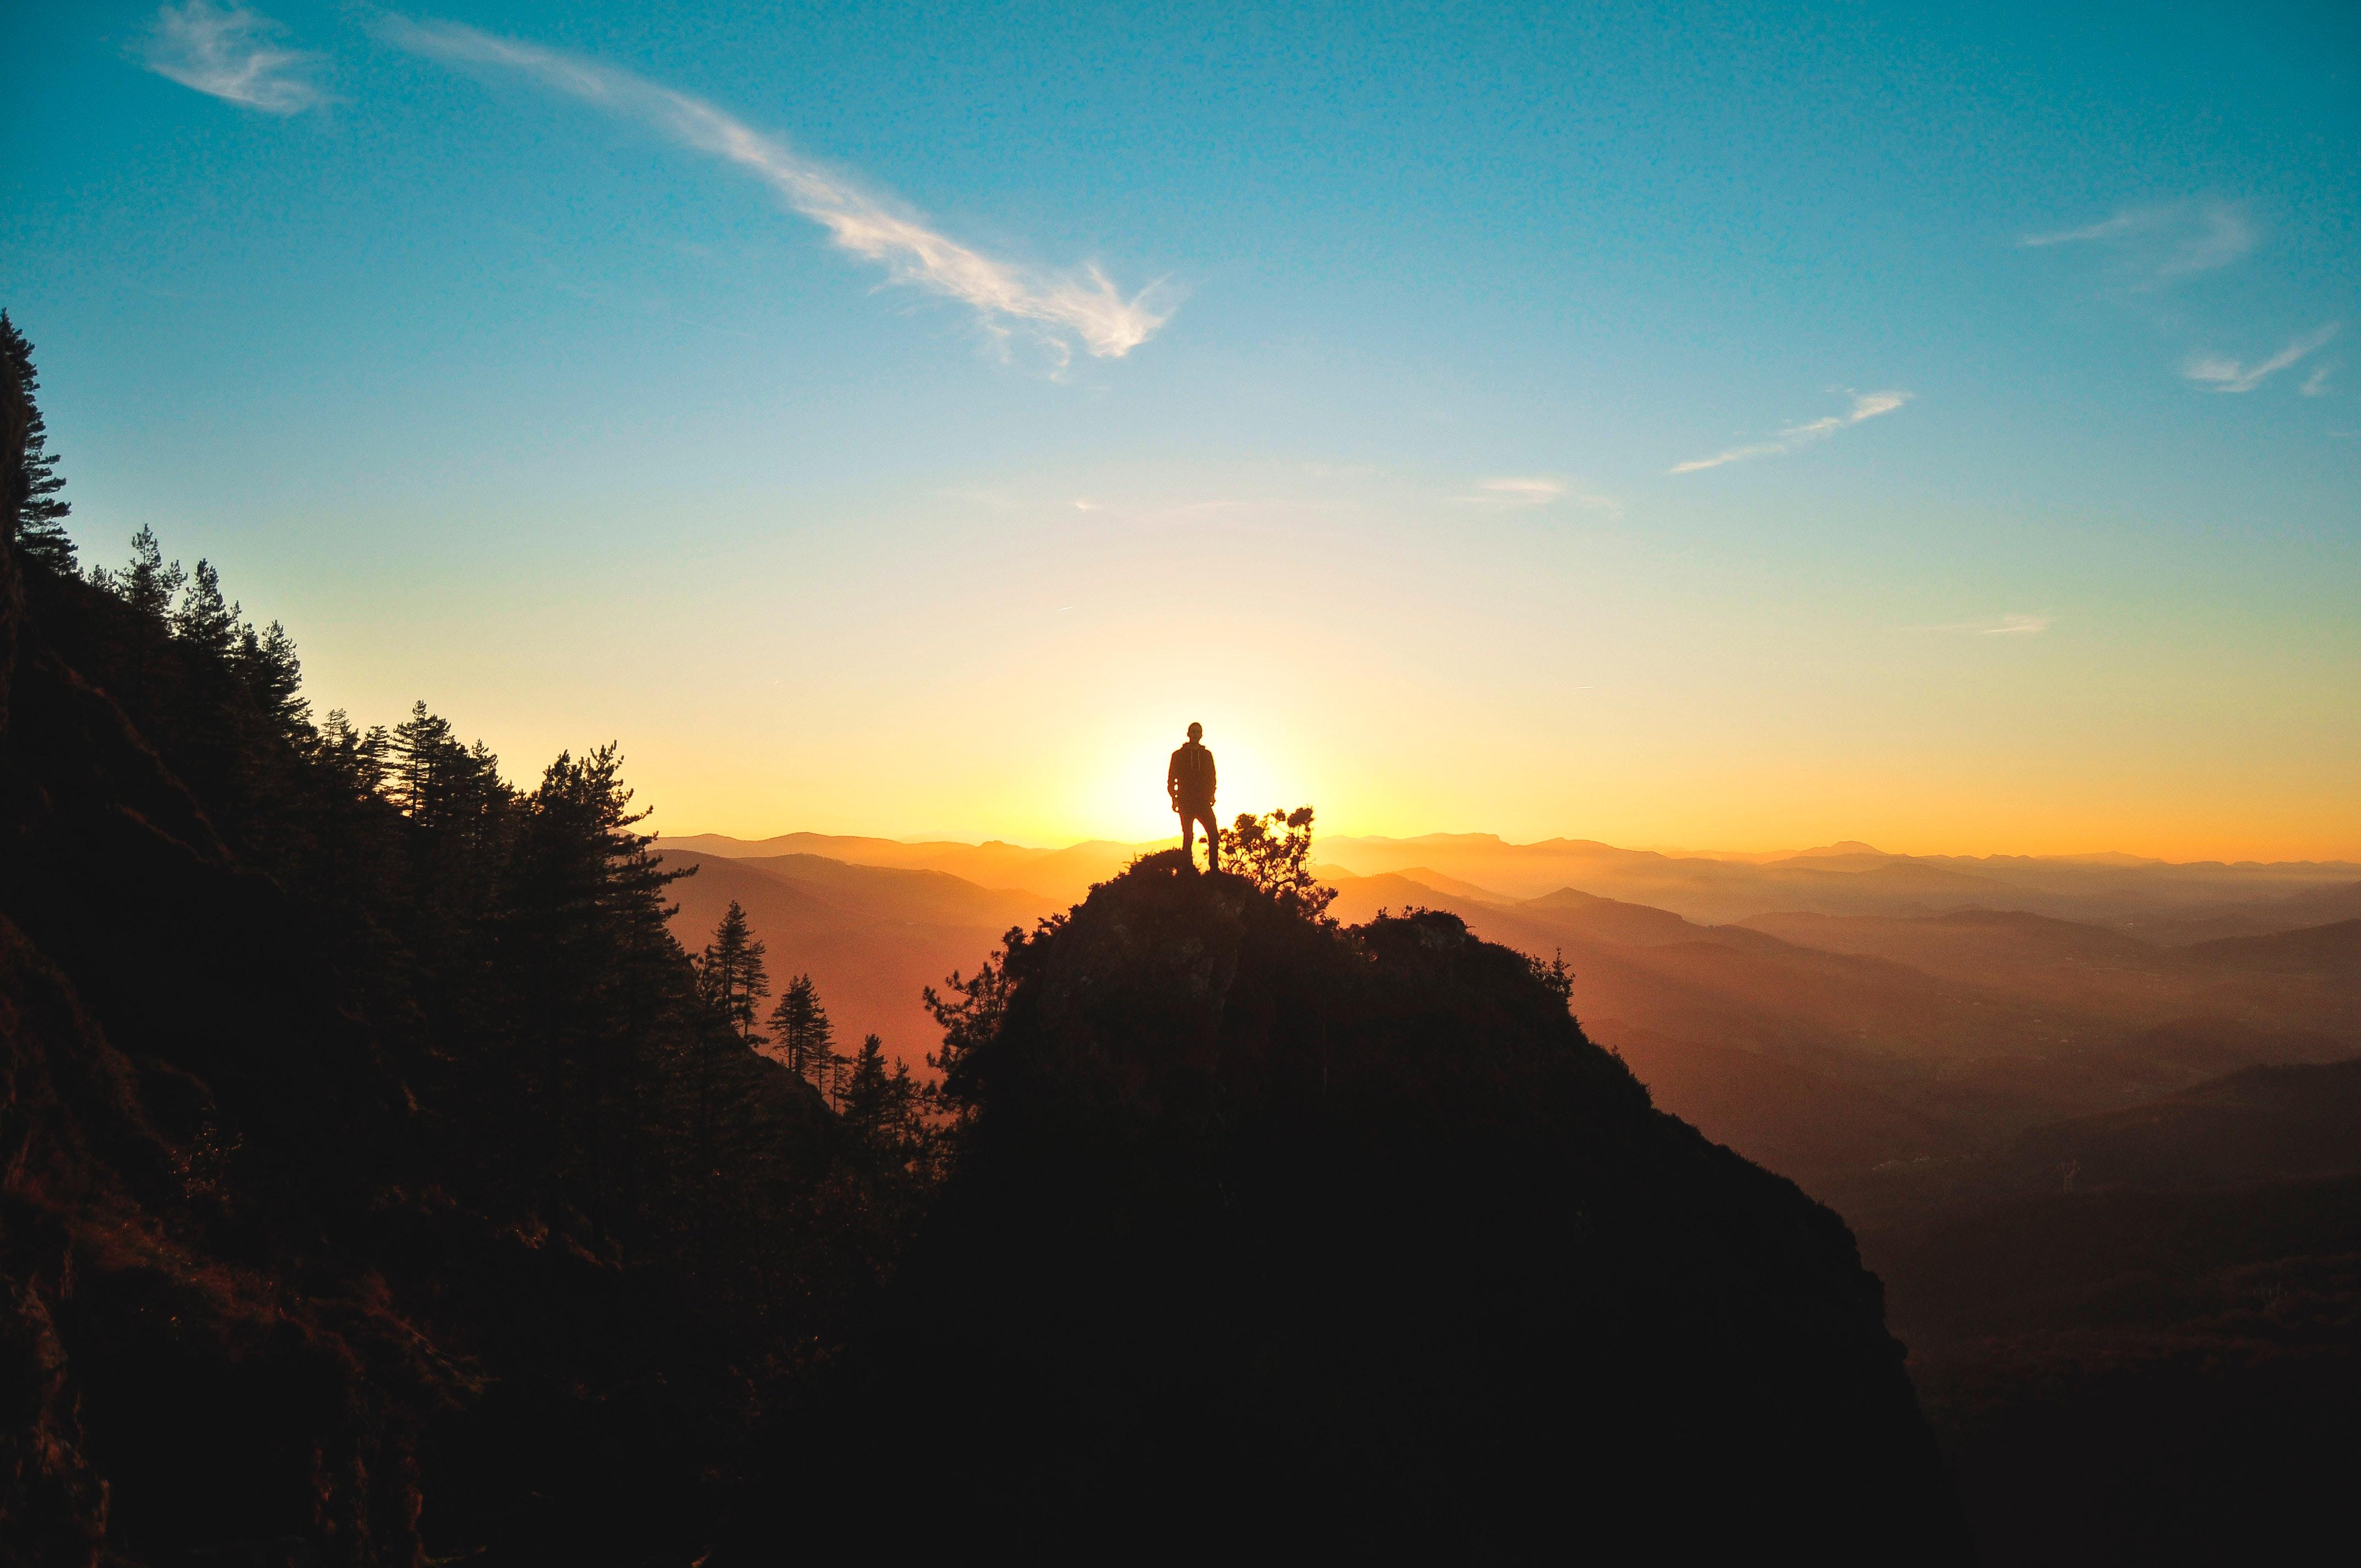 Den Sonnenuntergang am Berg beobachten